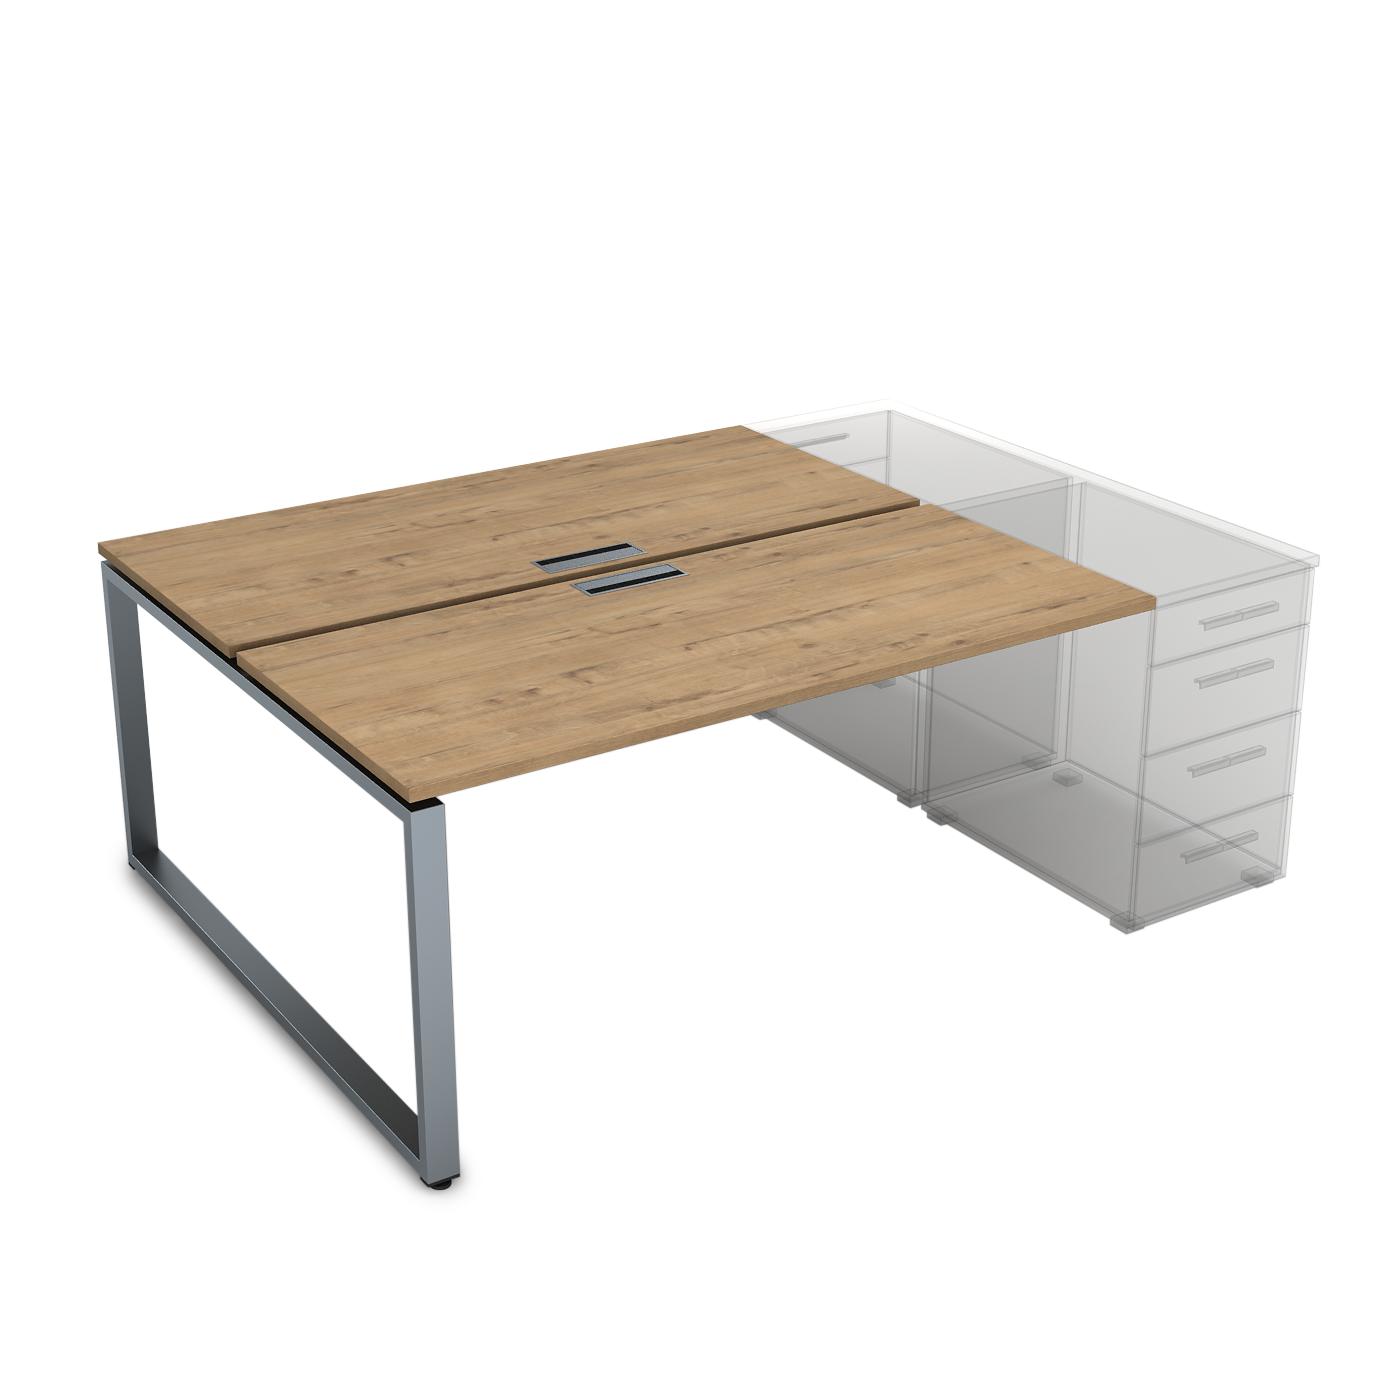 Стол приставной системы Бенч, сдвоенный, на 2 рабочих места 1400х1435х750